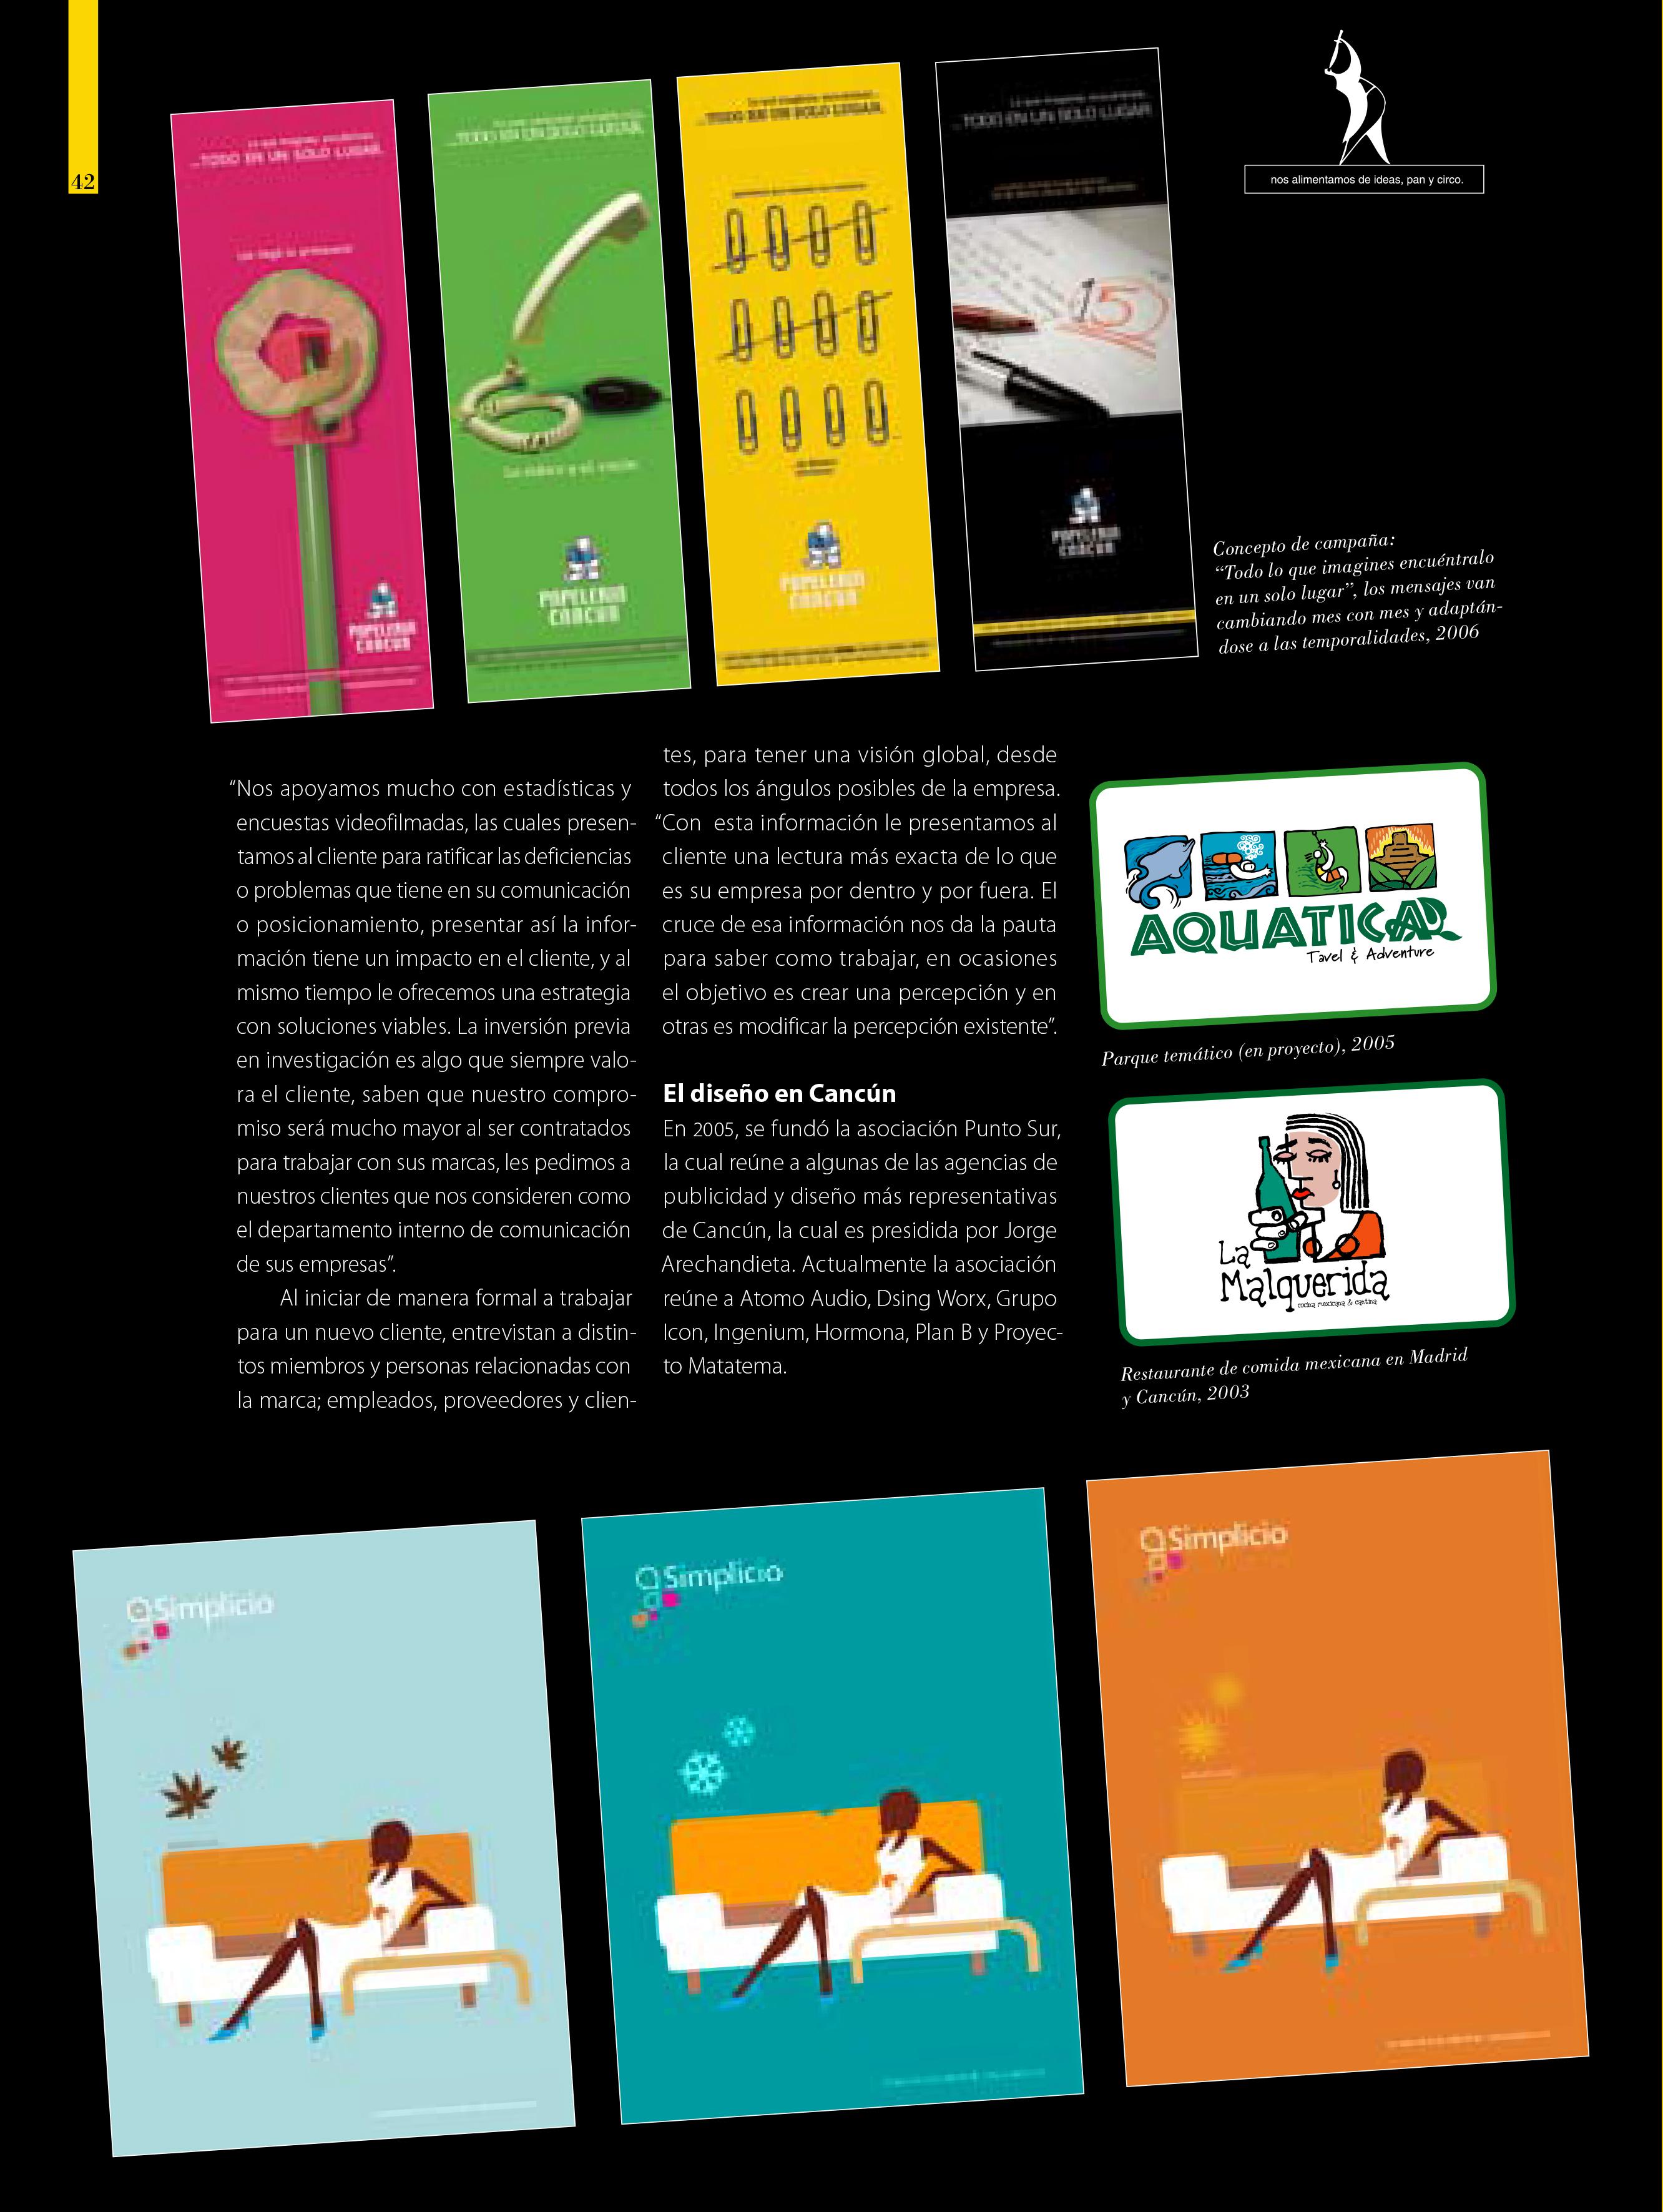 a! Diseño entrevista a Jorge Arechandieta 5